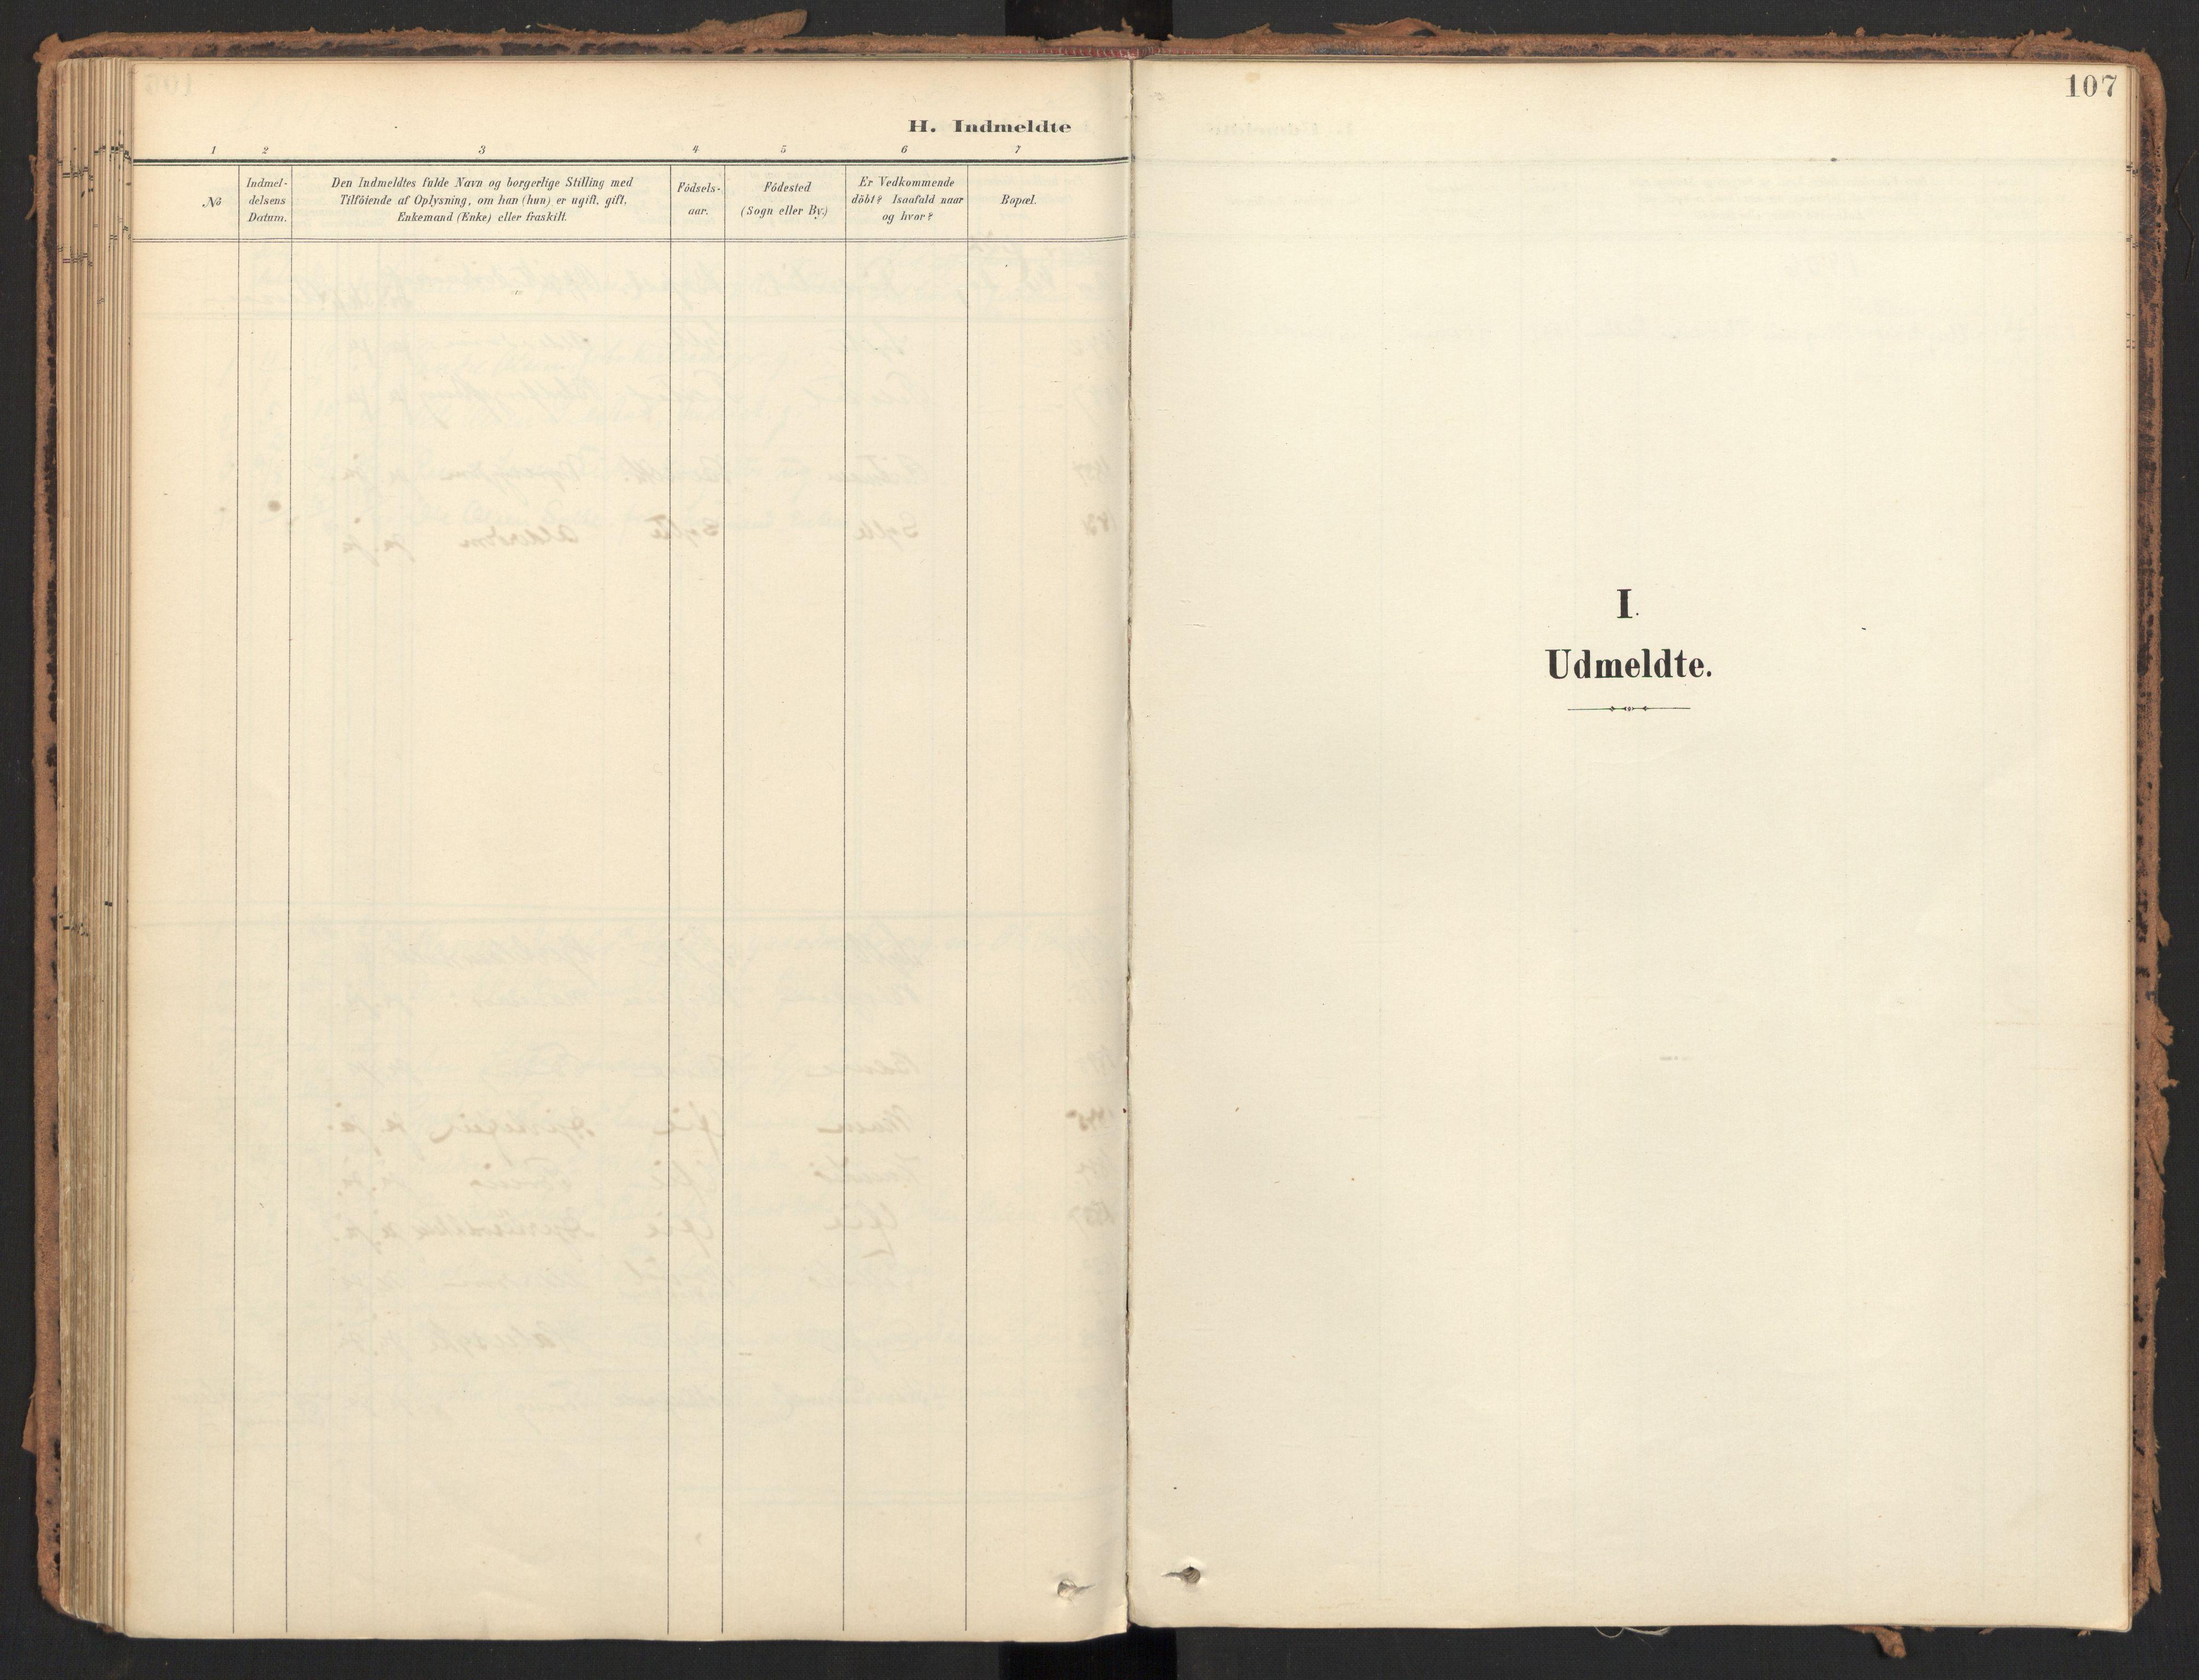 SAT, Ministerialprotokoller, klokkerbøker og fødselsregistre - Møre og Romsdal, 595/L1048: Parish register (official) no. 595A10, 1900-1917, p. 107